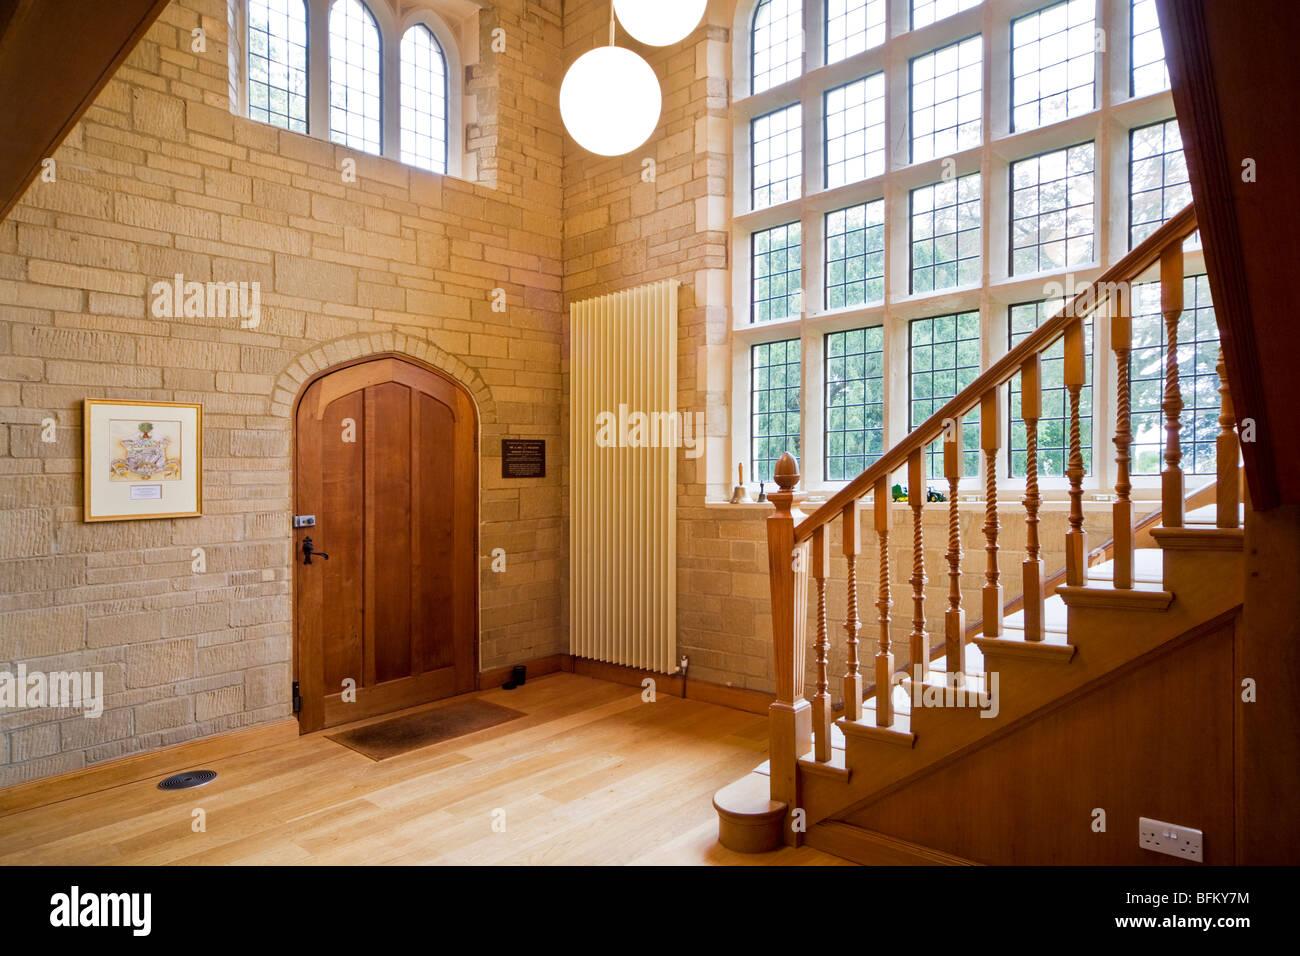 In legno della porta di ingresso e la scala di pietra e corridoio